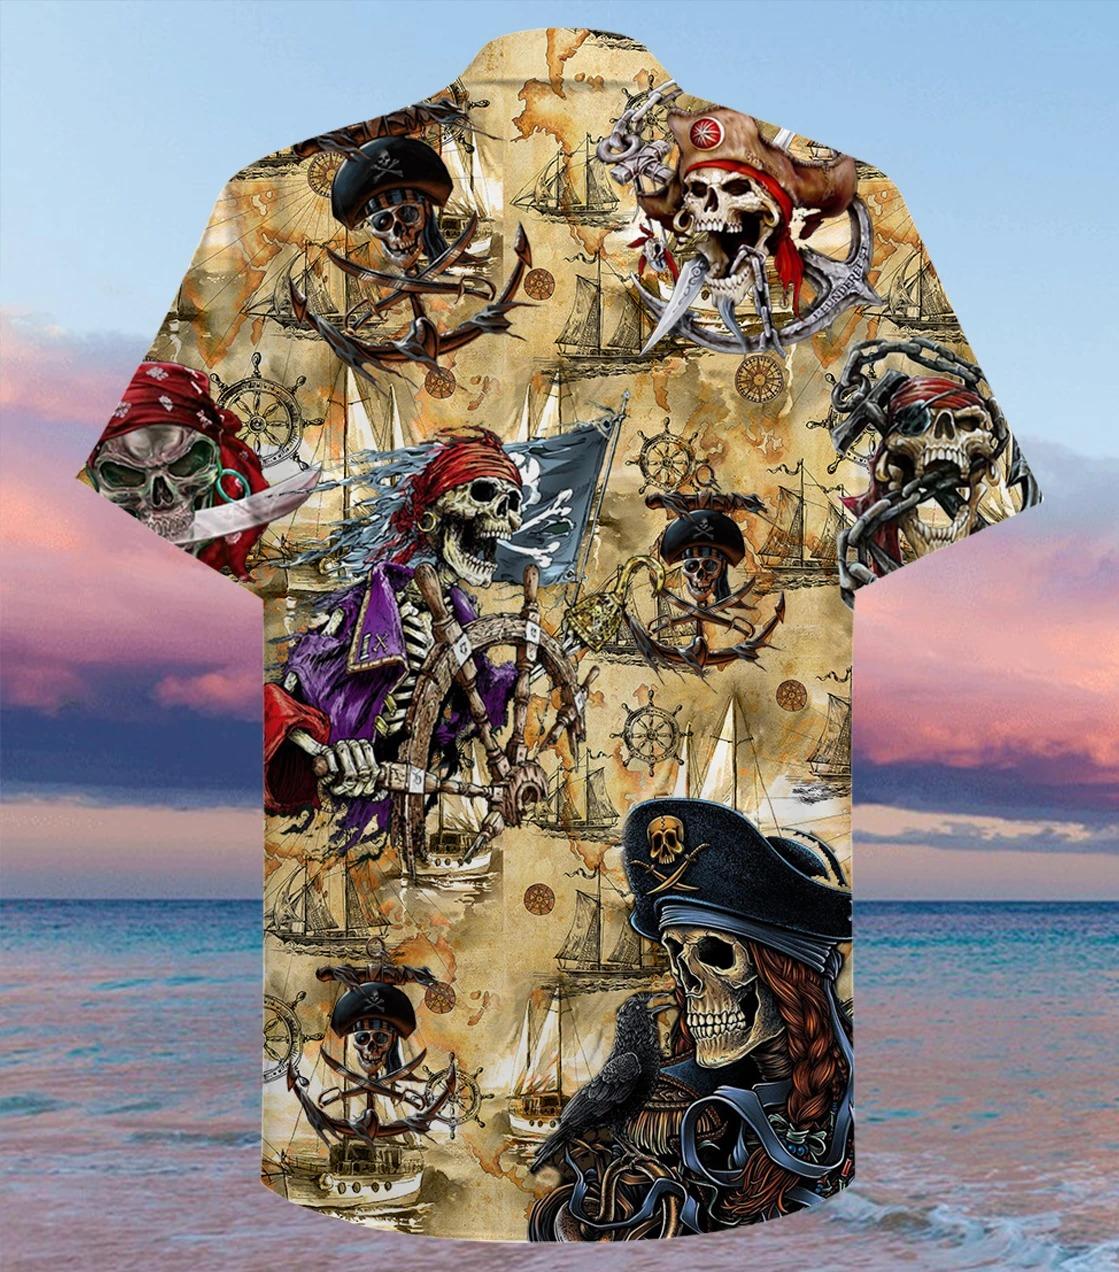 Amazing pirate skull unisex hawaiian shirt - Hothot